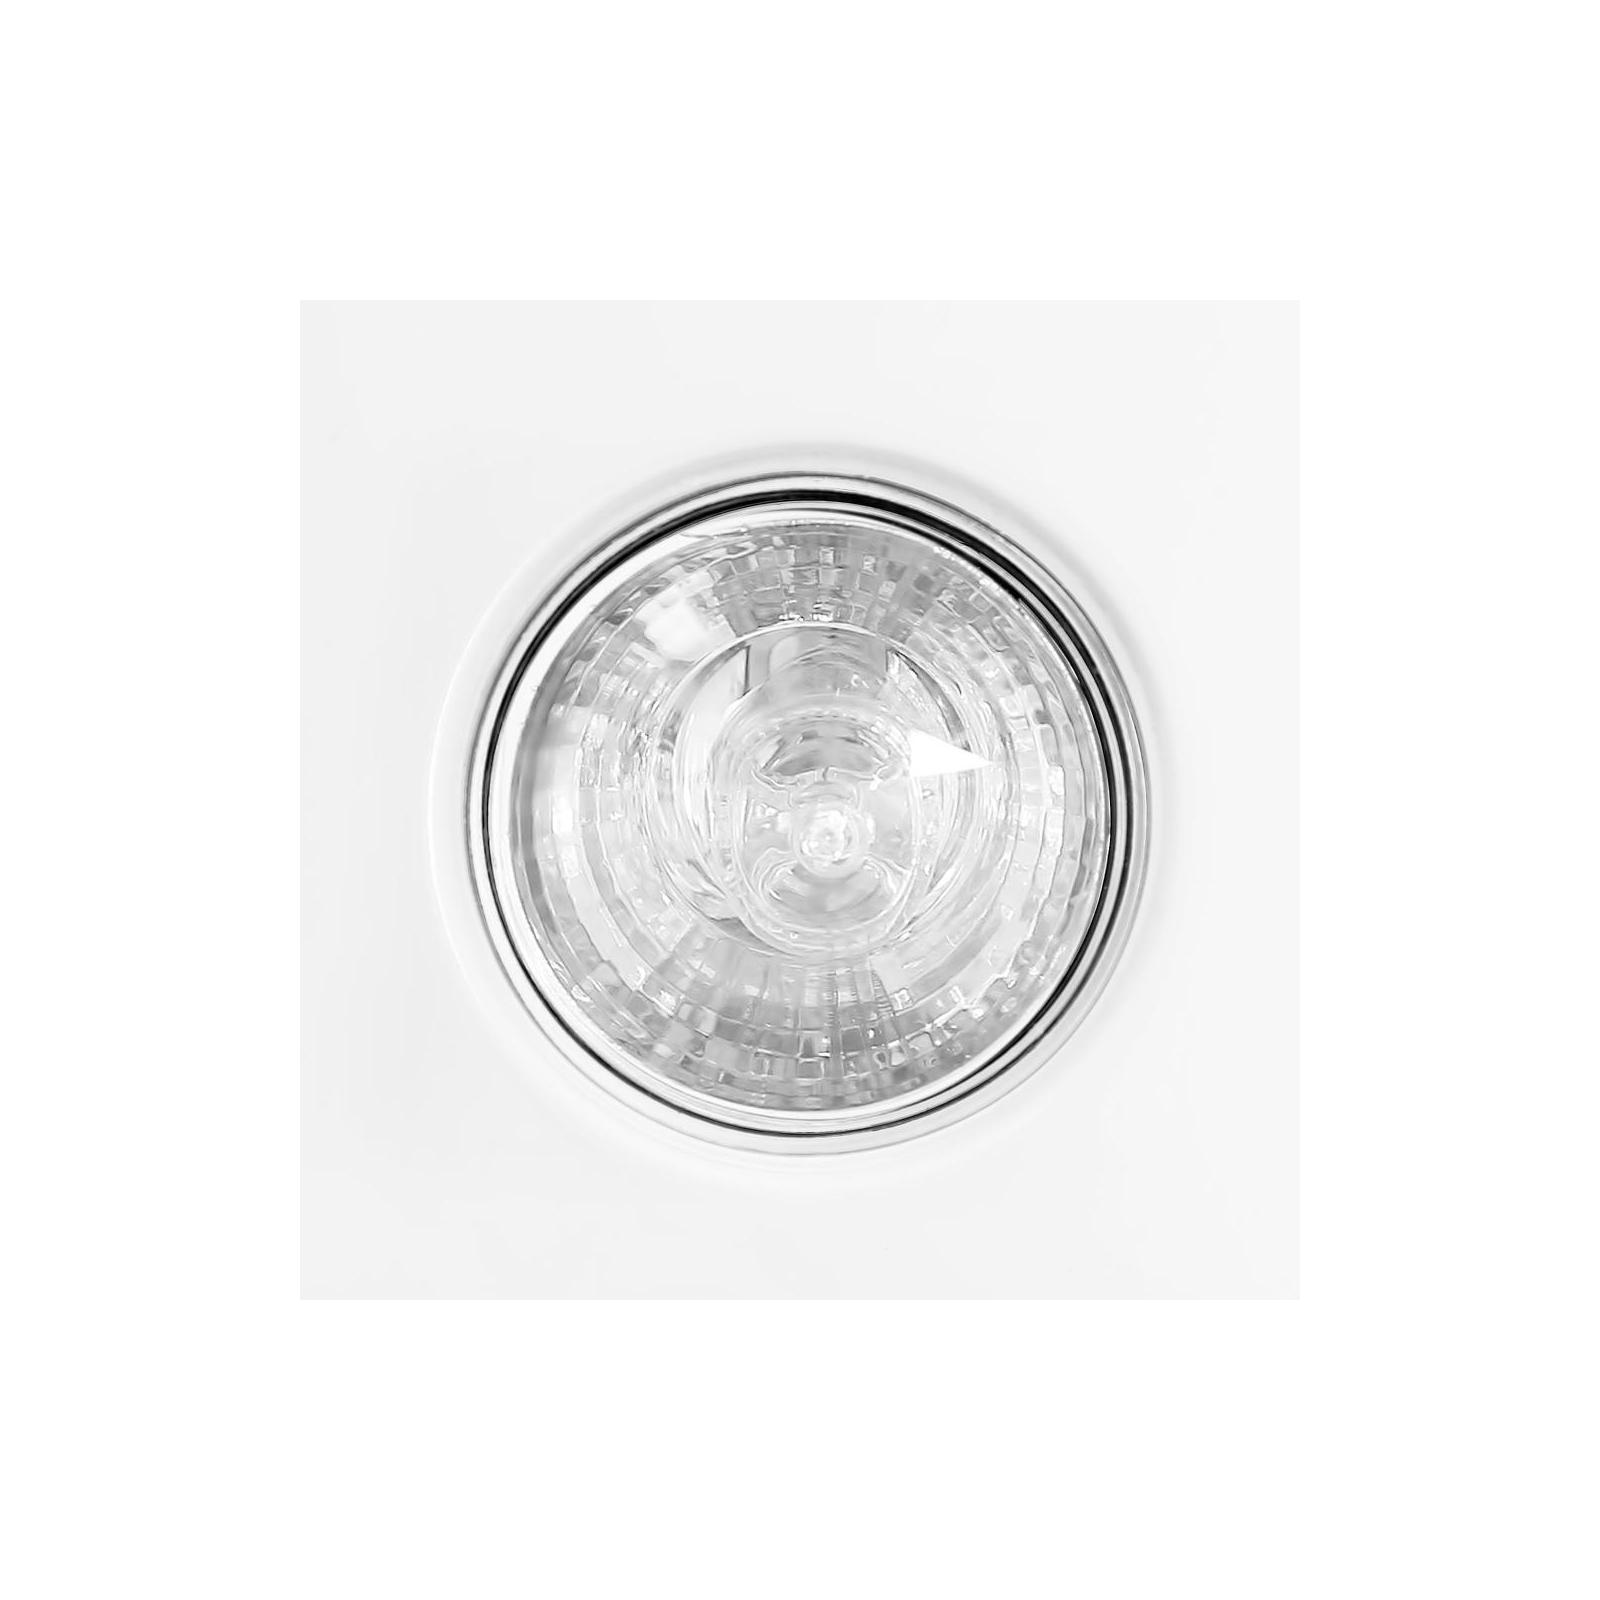 Вытяжка кухонная PERFELLI DN 6671 A 1000 W изображение 7